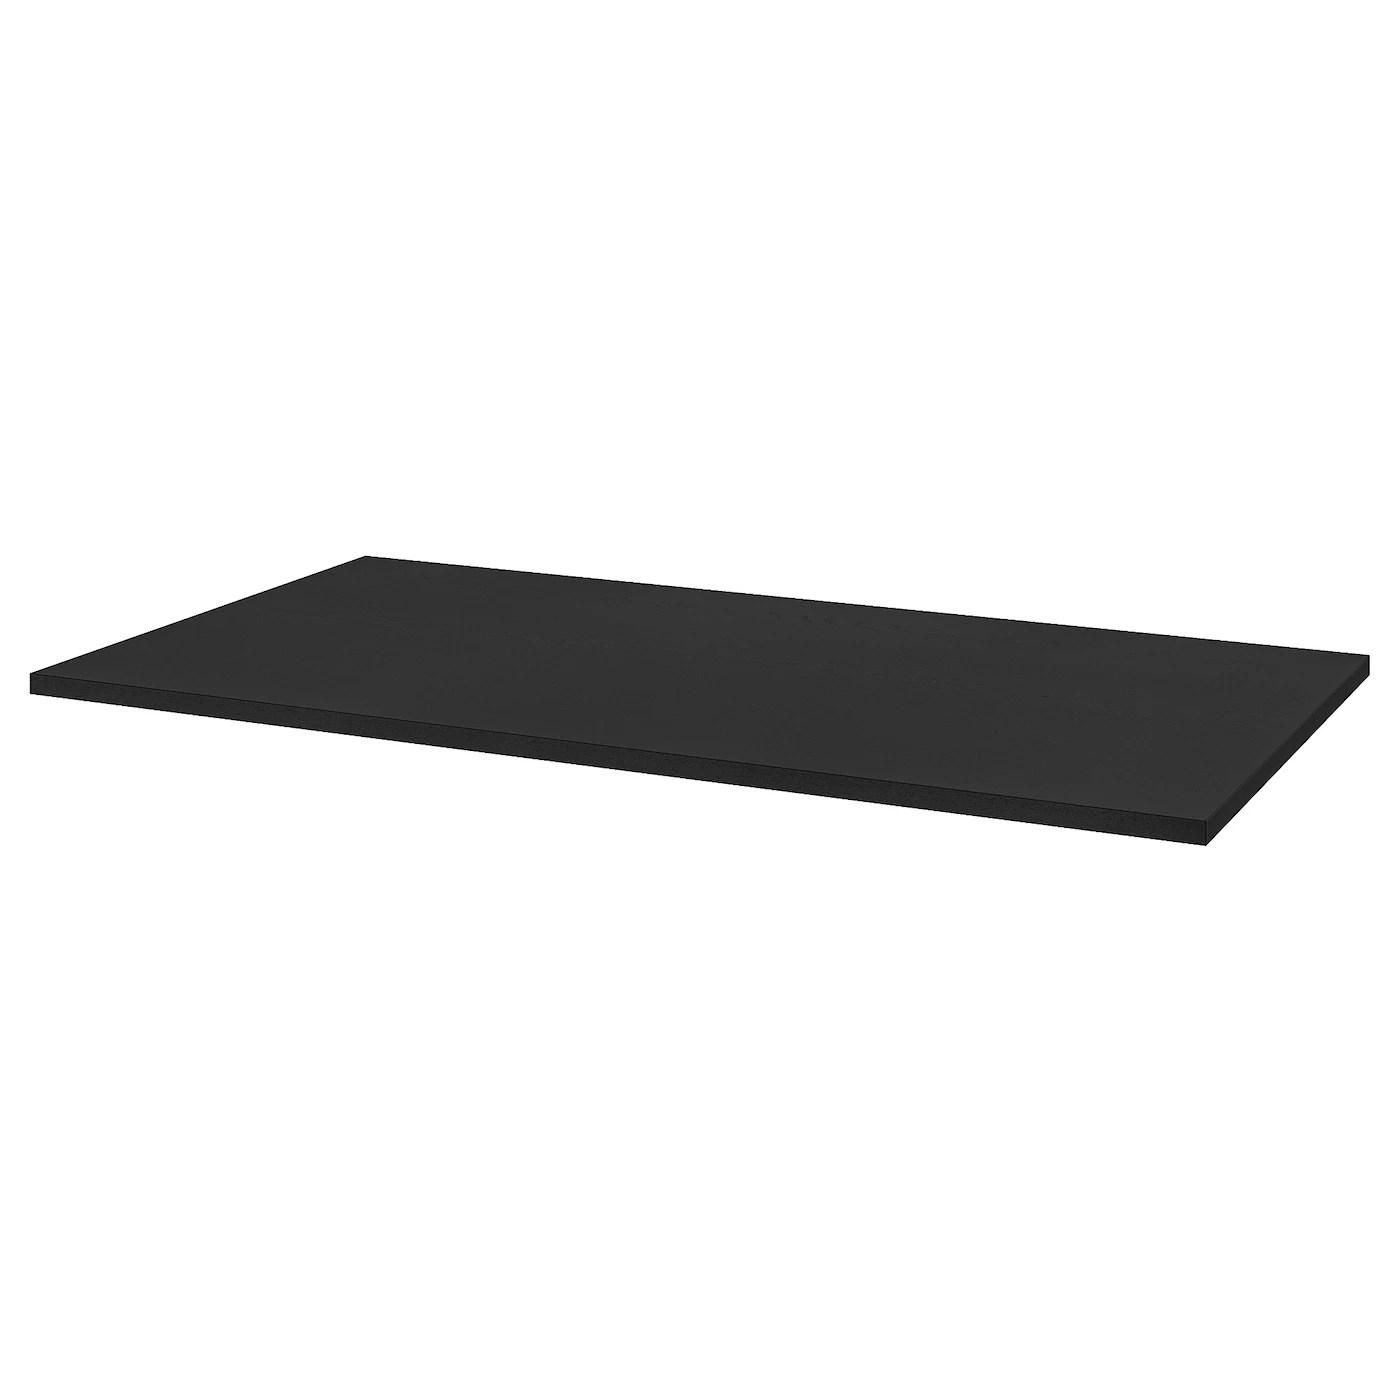 idasen plateau de table noir 63x31 1 2 160x80 cm